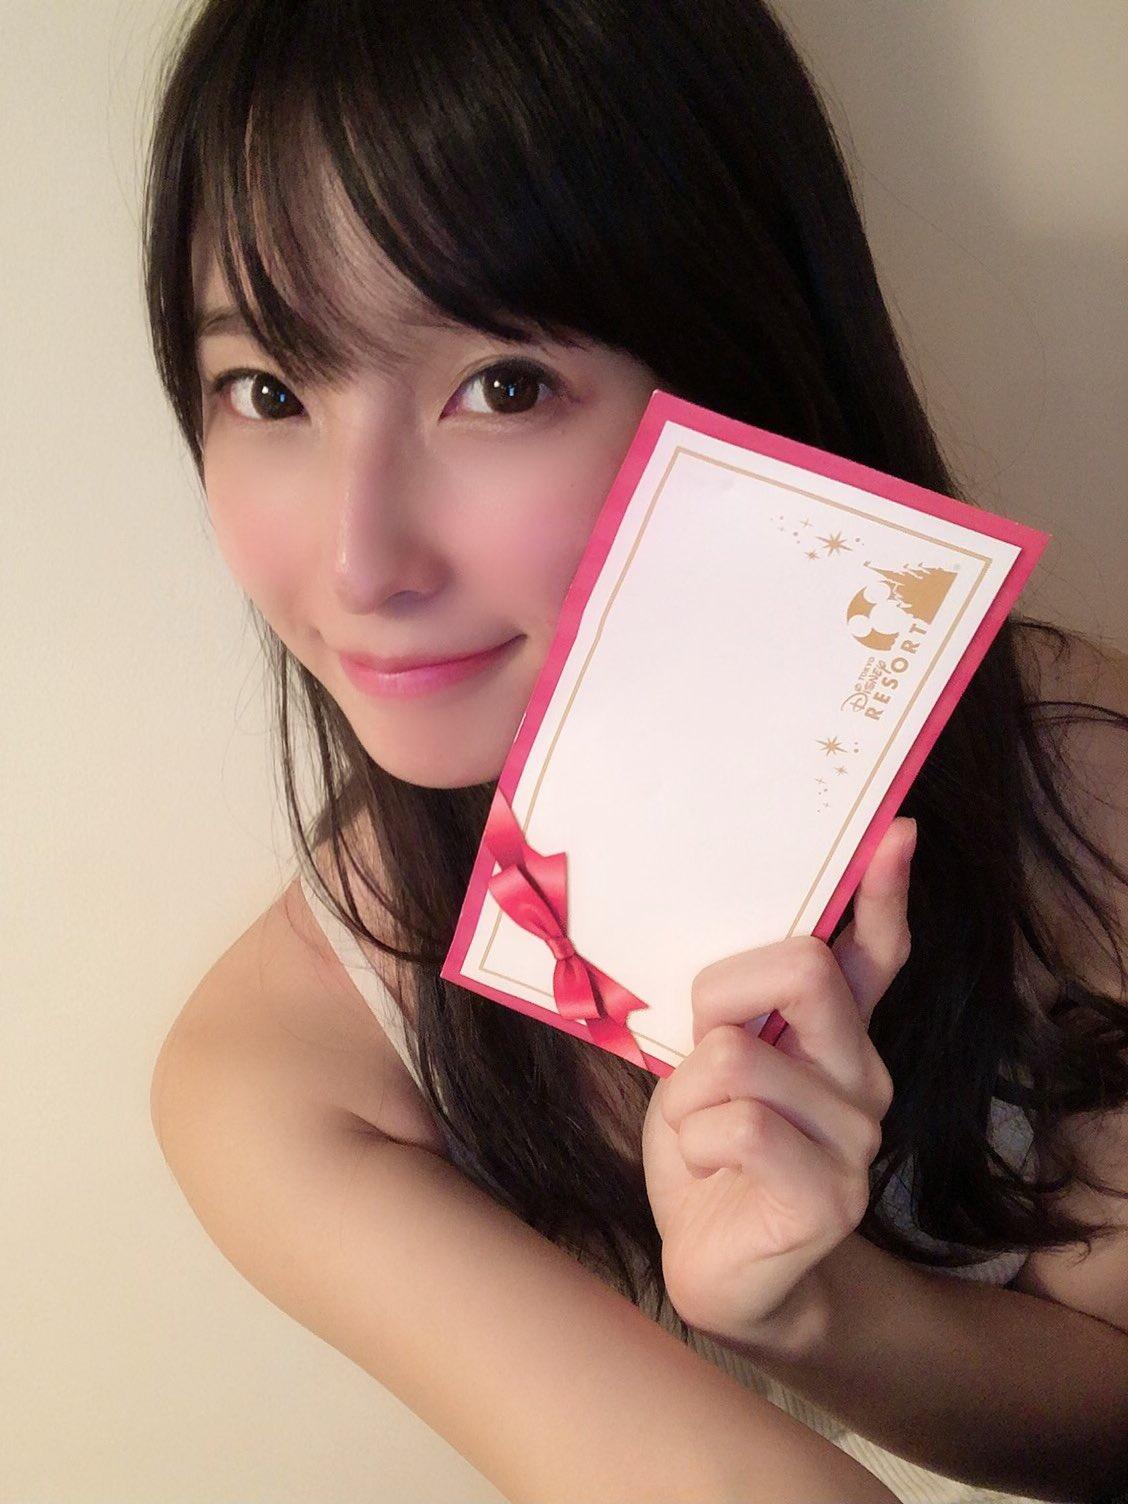 kawasaki__aya 1202224335211003904_p2